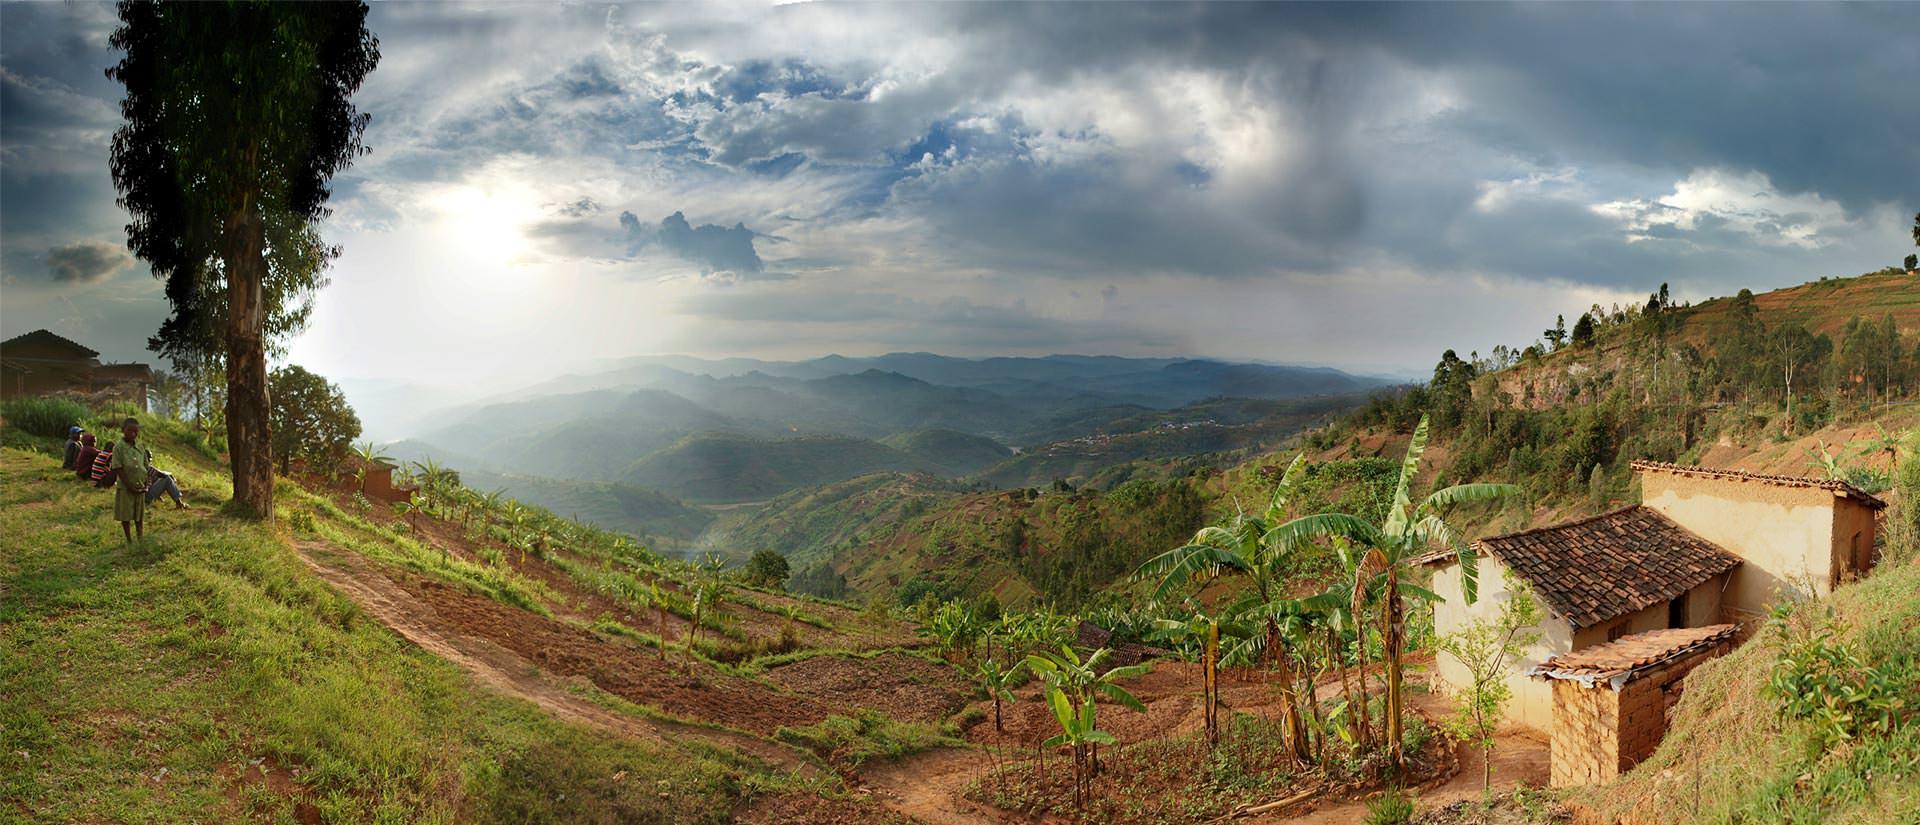 טיולים מאורגנים לרואנדה